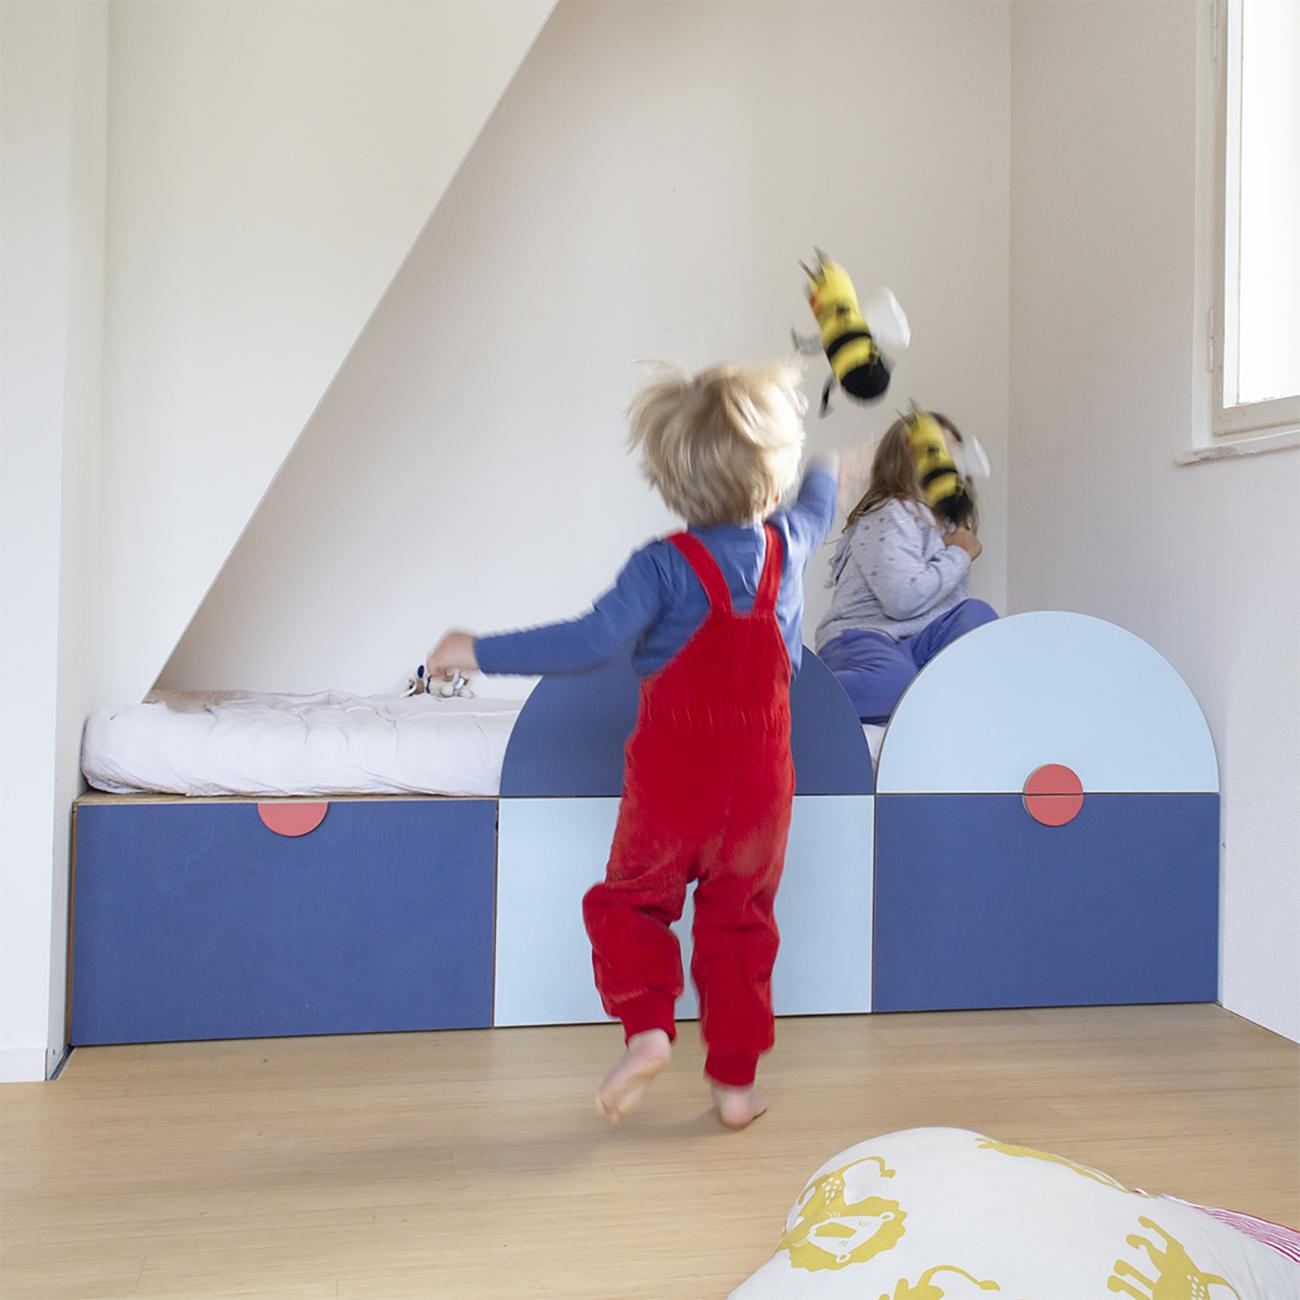 zweifarbiges Kinderbett mit Halbkreisen aus Holz als Absturzsicherung unddrei Schubladen unter dem Bett.